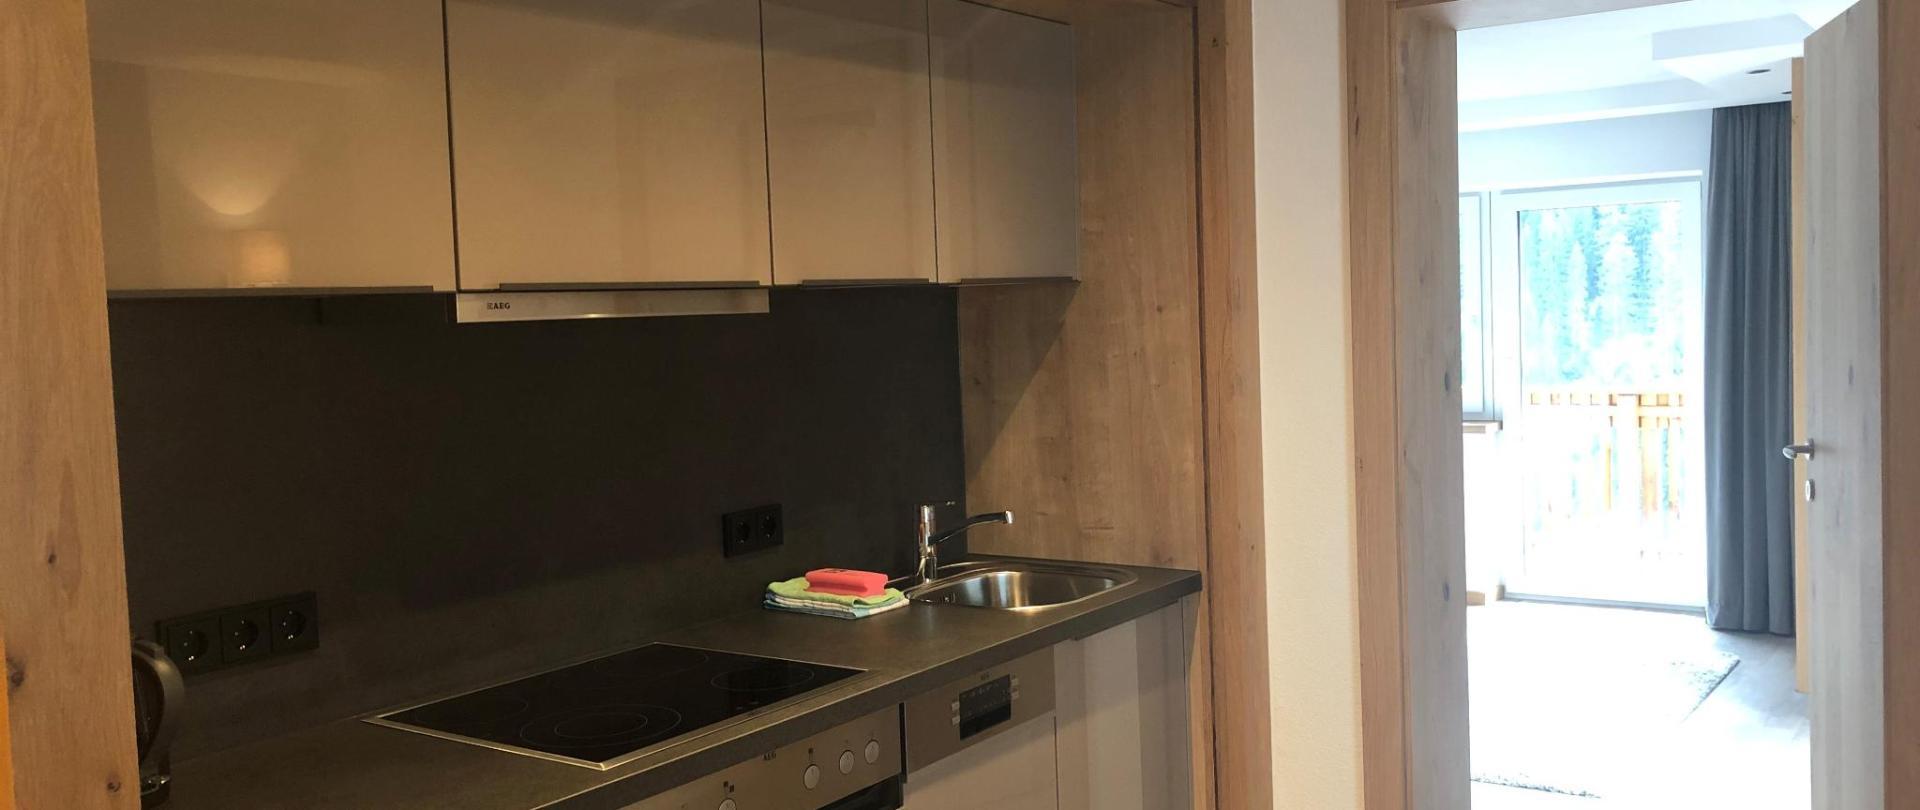 Küchenbereich_114_214.jpg